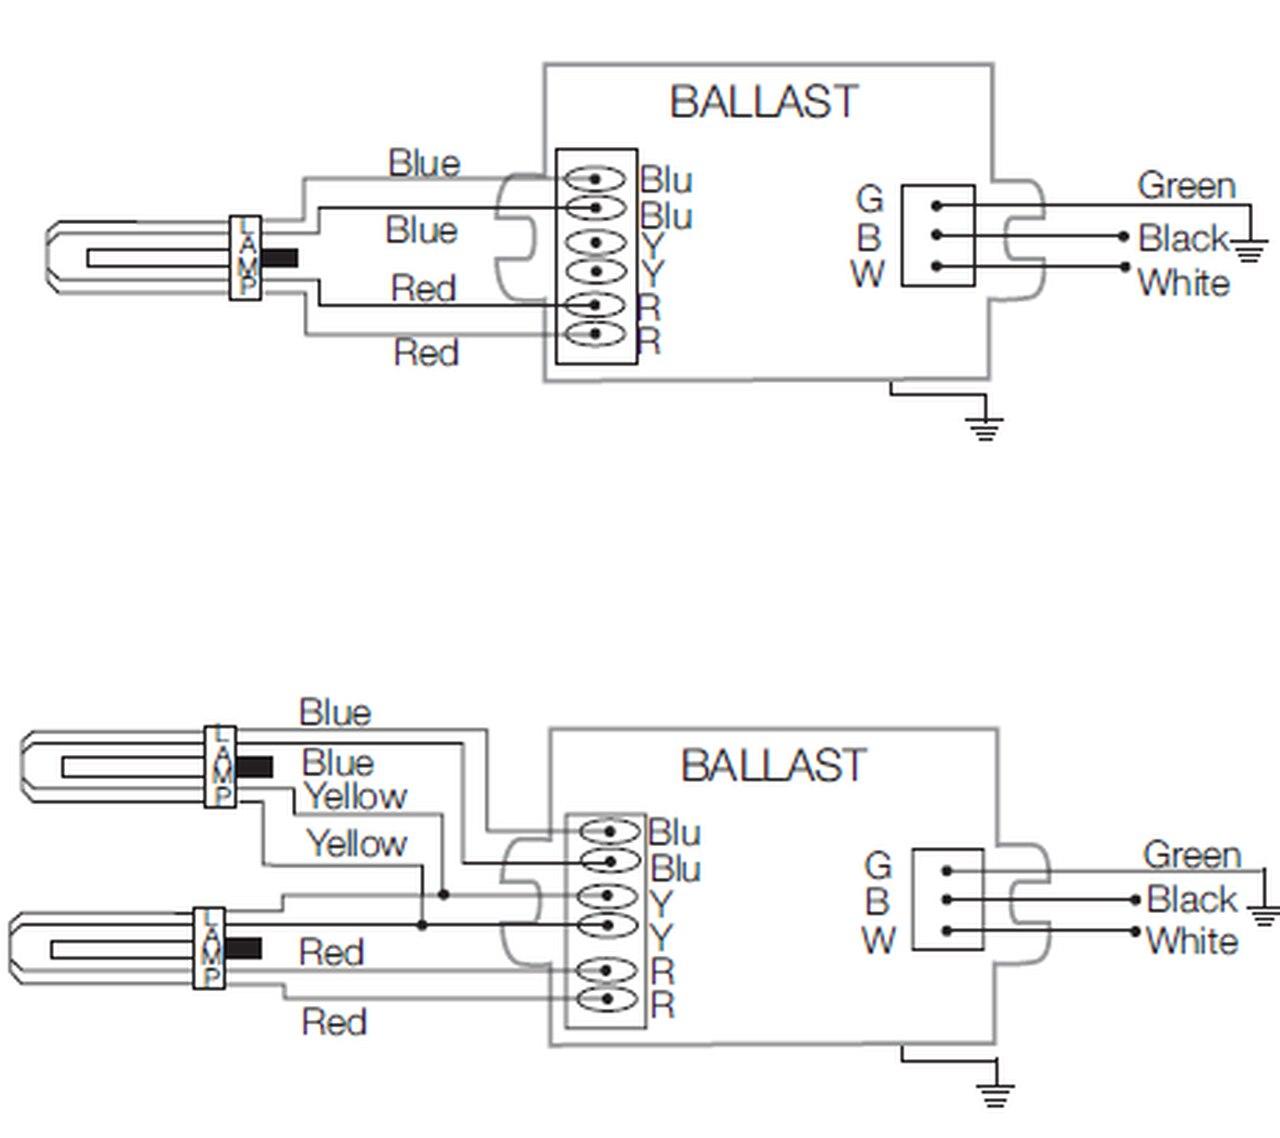 [DIAGRAM_5UK]  VH_6675] Osram Electronic Ballast Wiring Diagram Free Diagram | Osram Hid Ballast Wiring Diagram |  | Ricis Lious Elec Mohammedshrine Librar Wiring 101